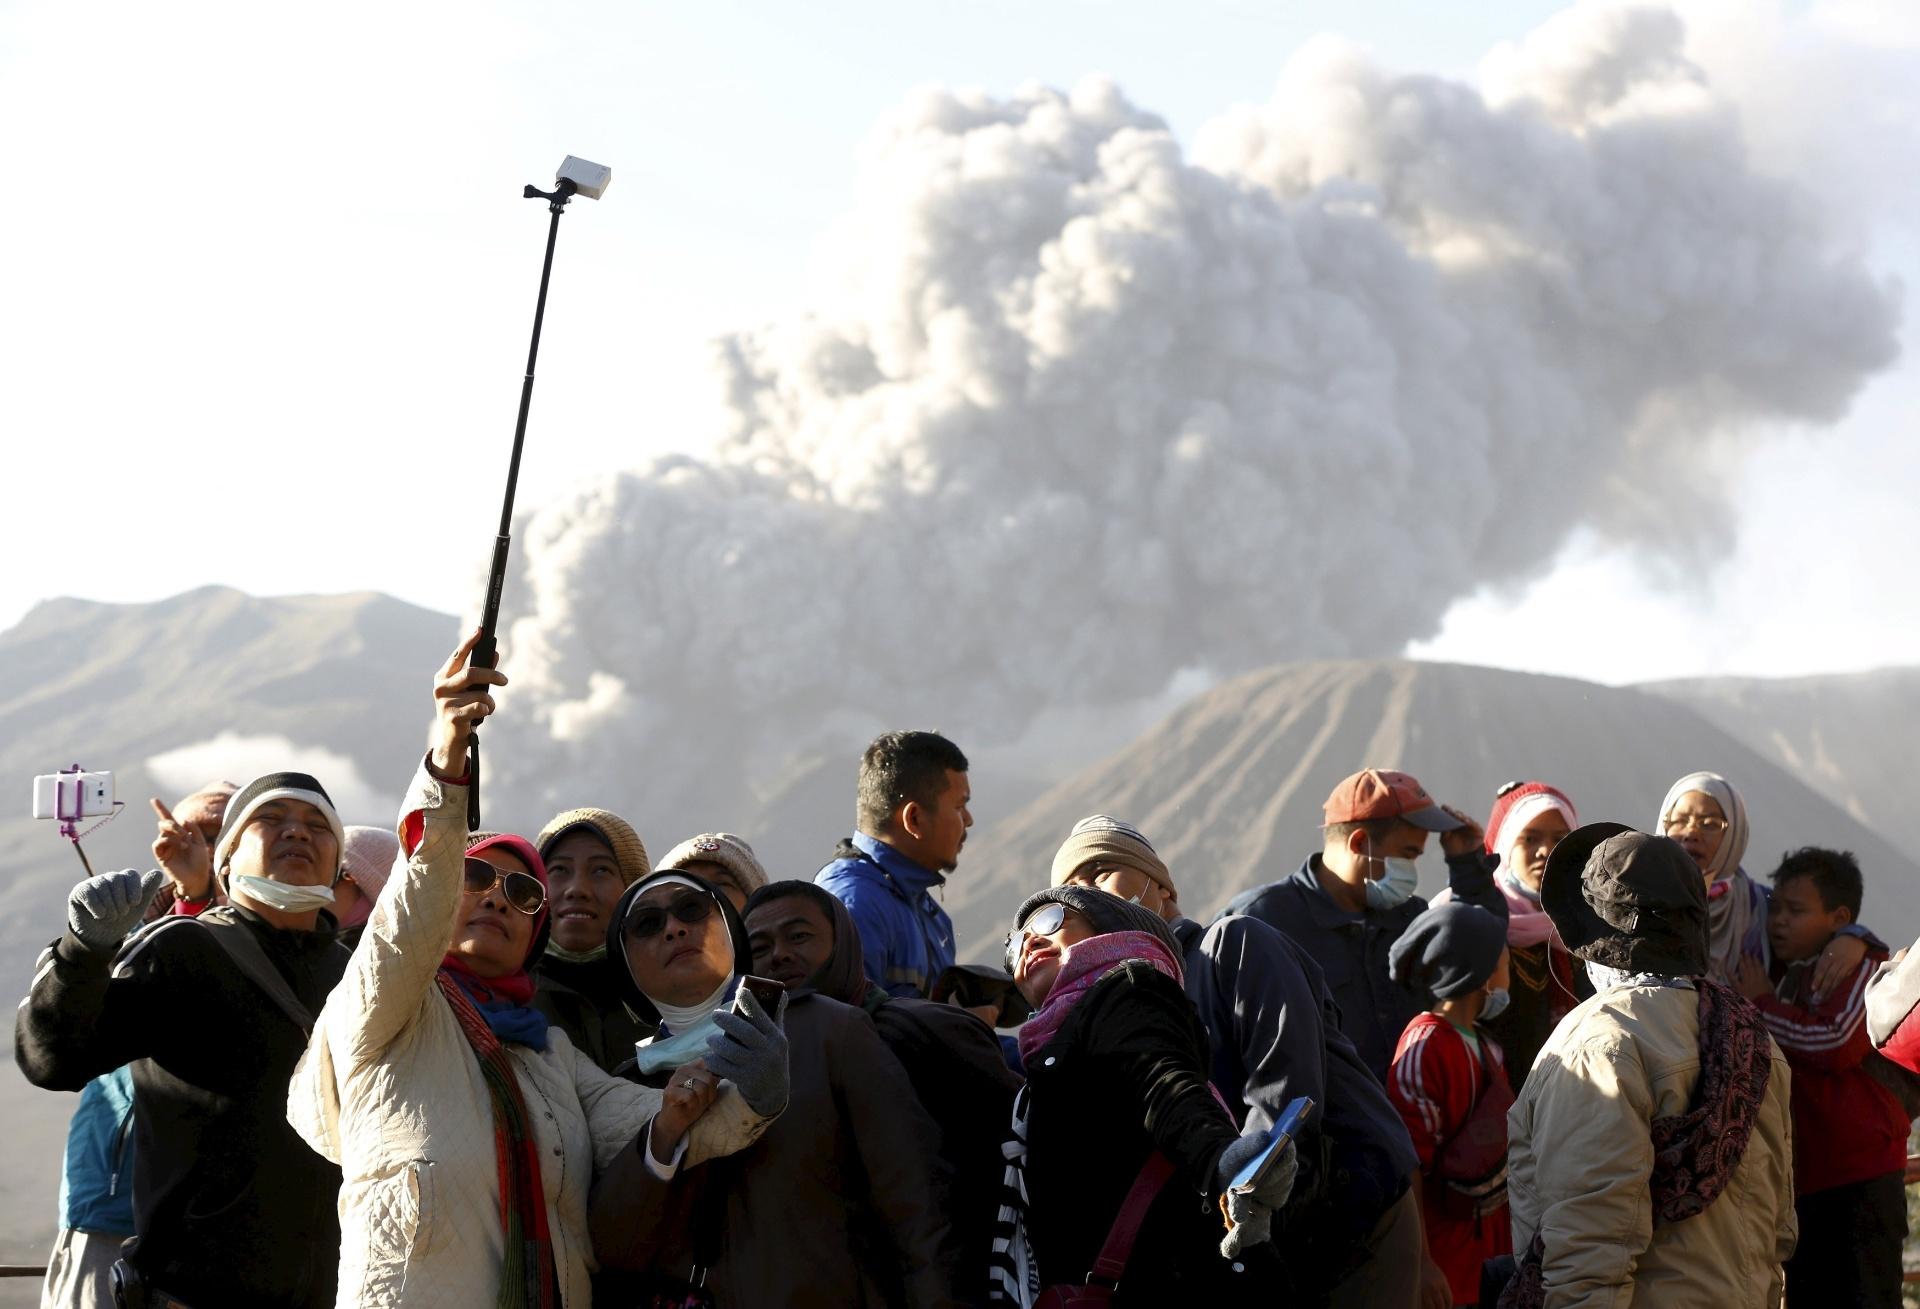 6.jan.2016 - Turistas fazem selfie com o vulcão Bromo em erupção ao fundo, próximo a Ngadisari, na Indonésia